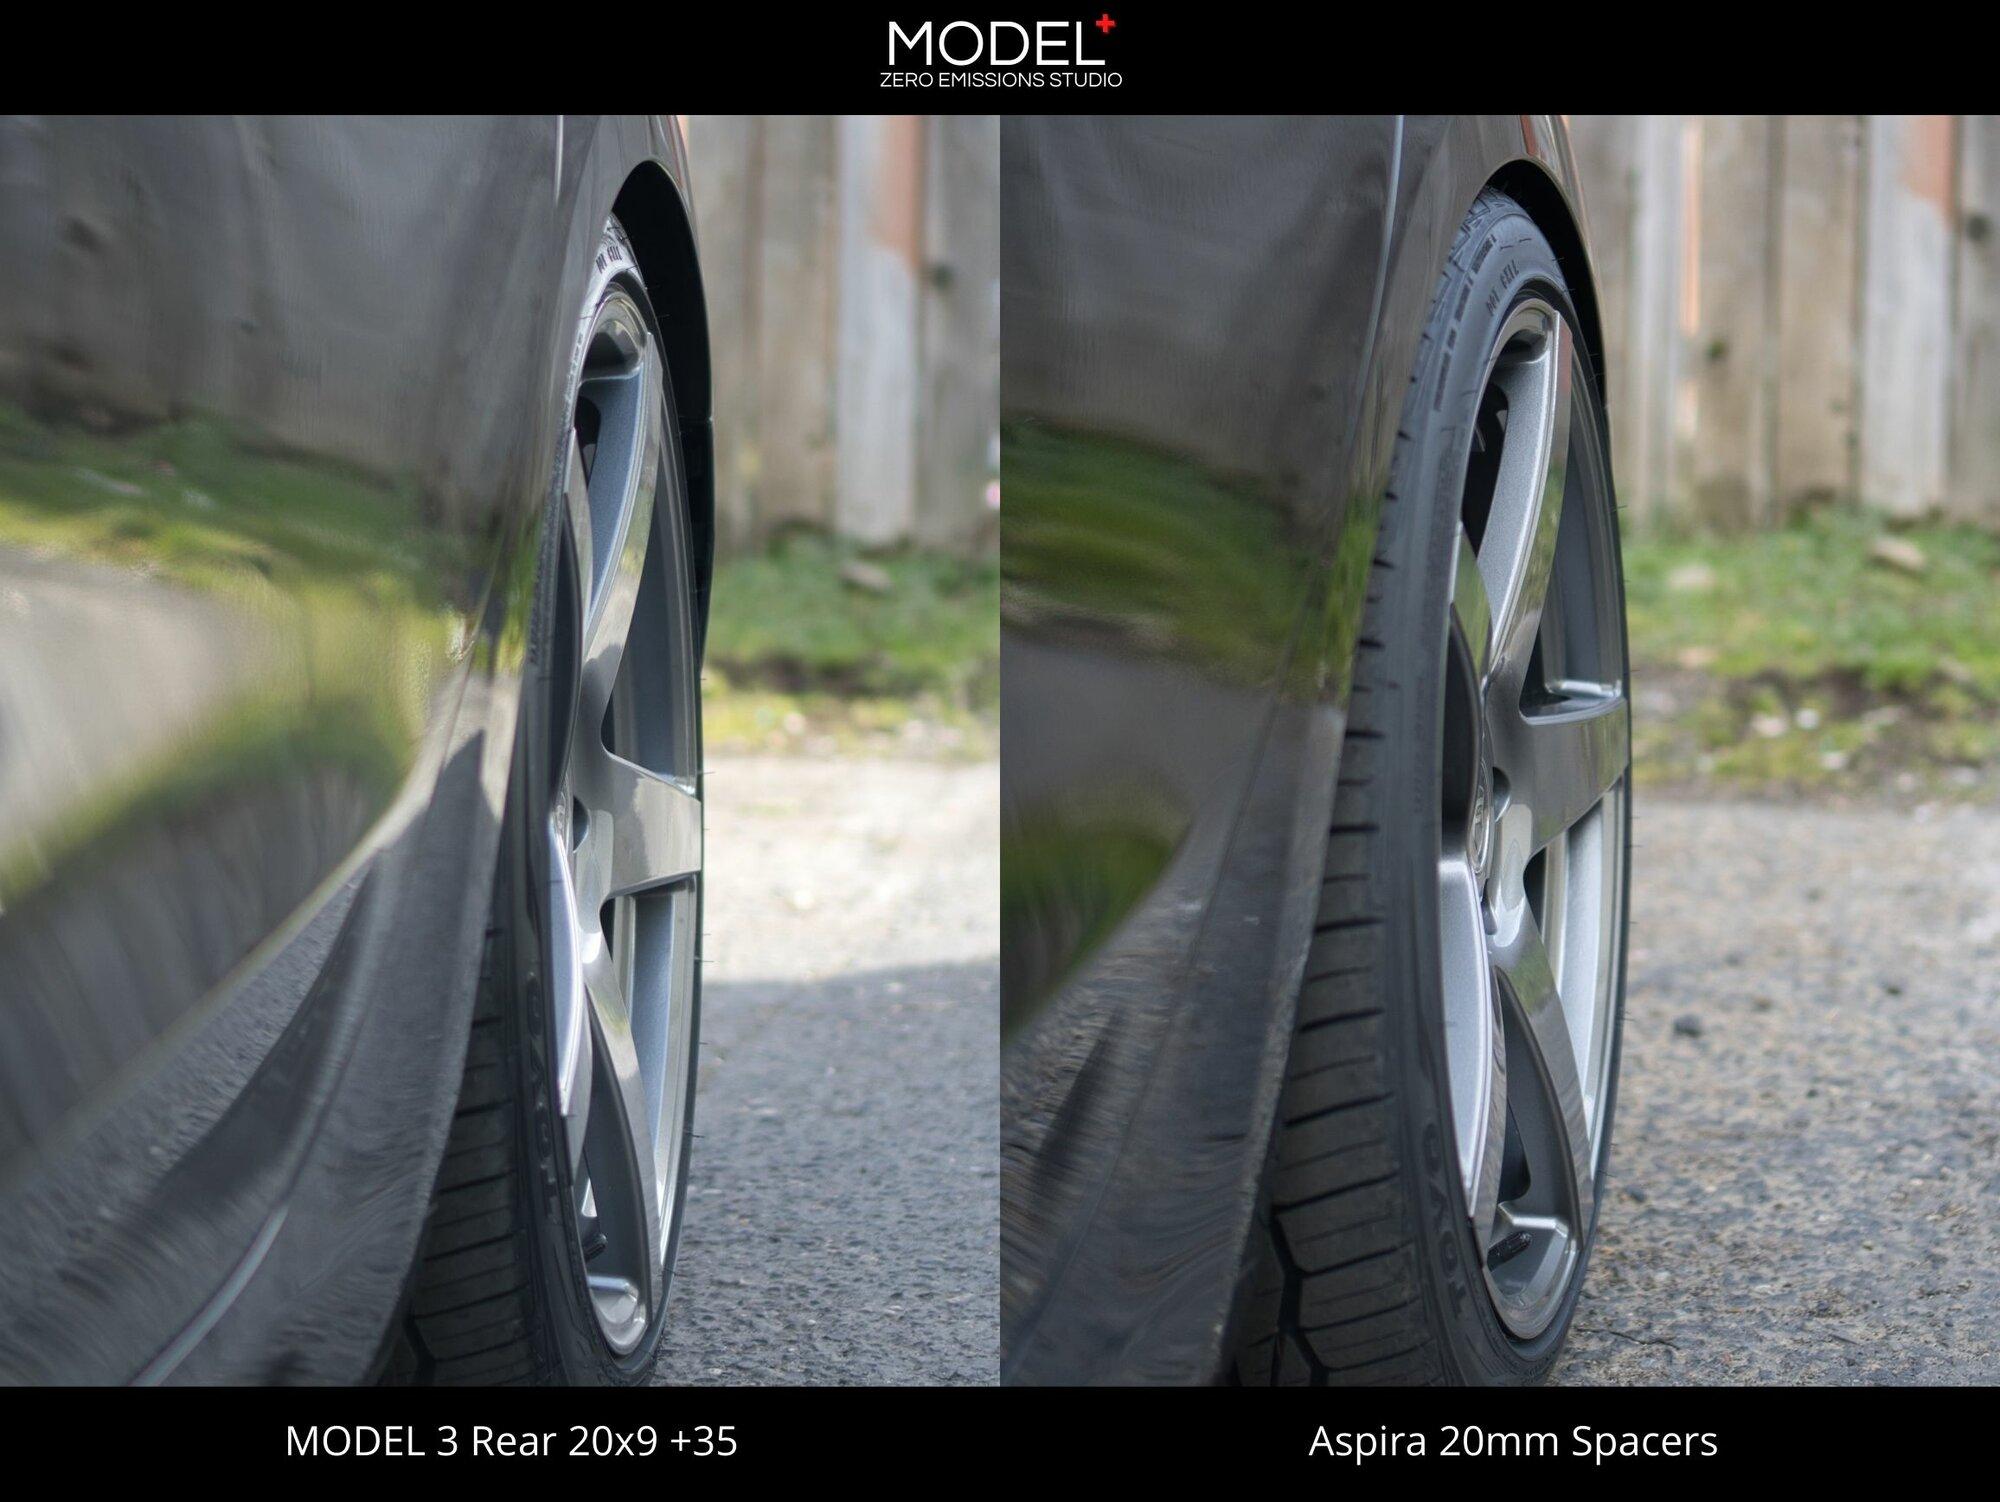 MODEL 3 Rear 20x9 +35.jpg